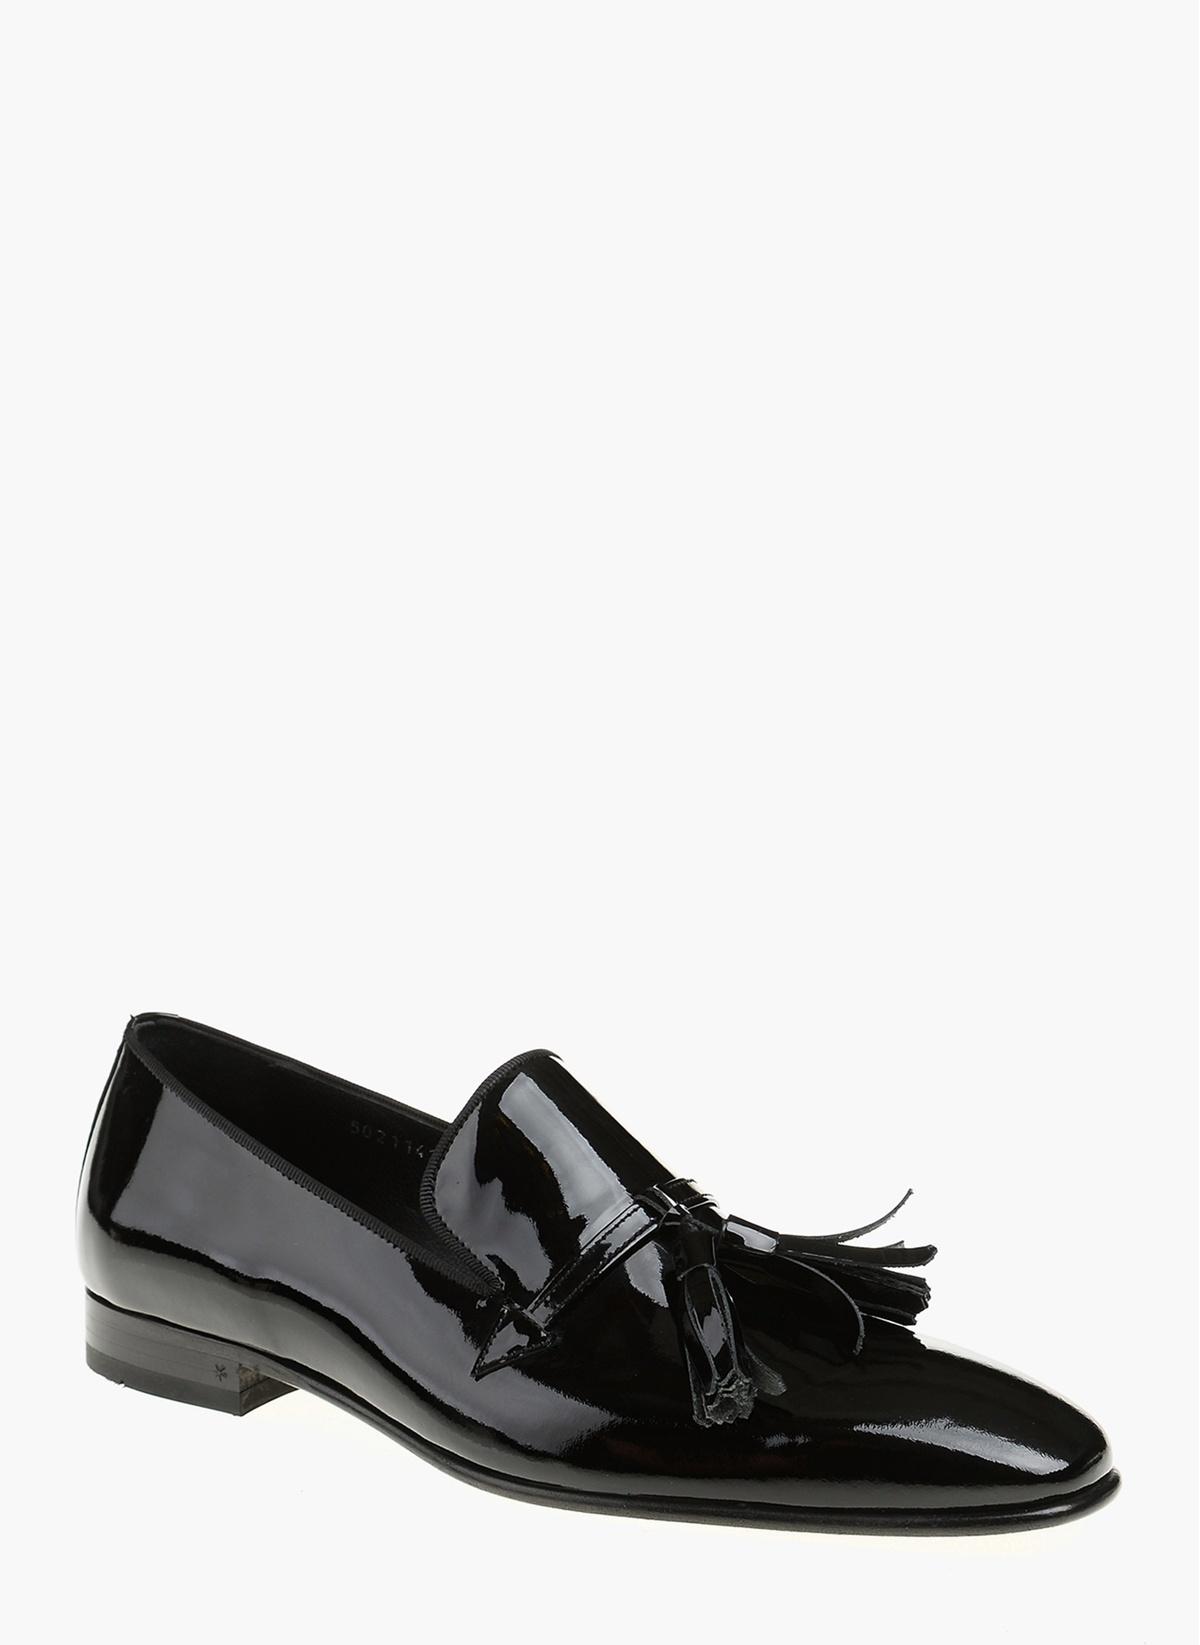 Divarese %100 Deri Loafer Ayakkabı 5021142-e-ayakkabı – 307.8 TL